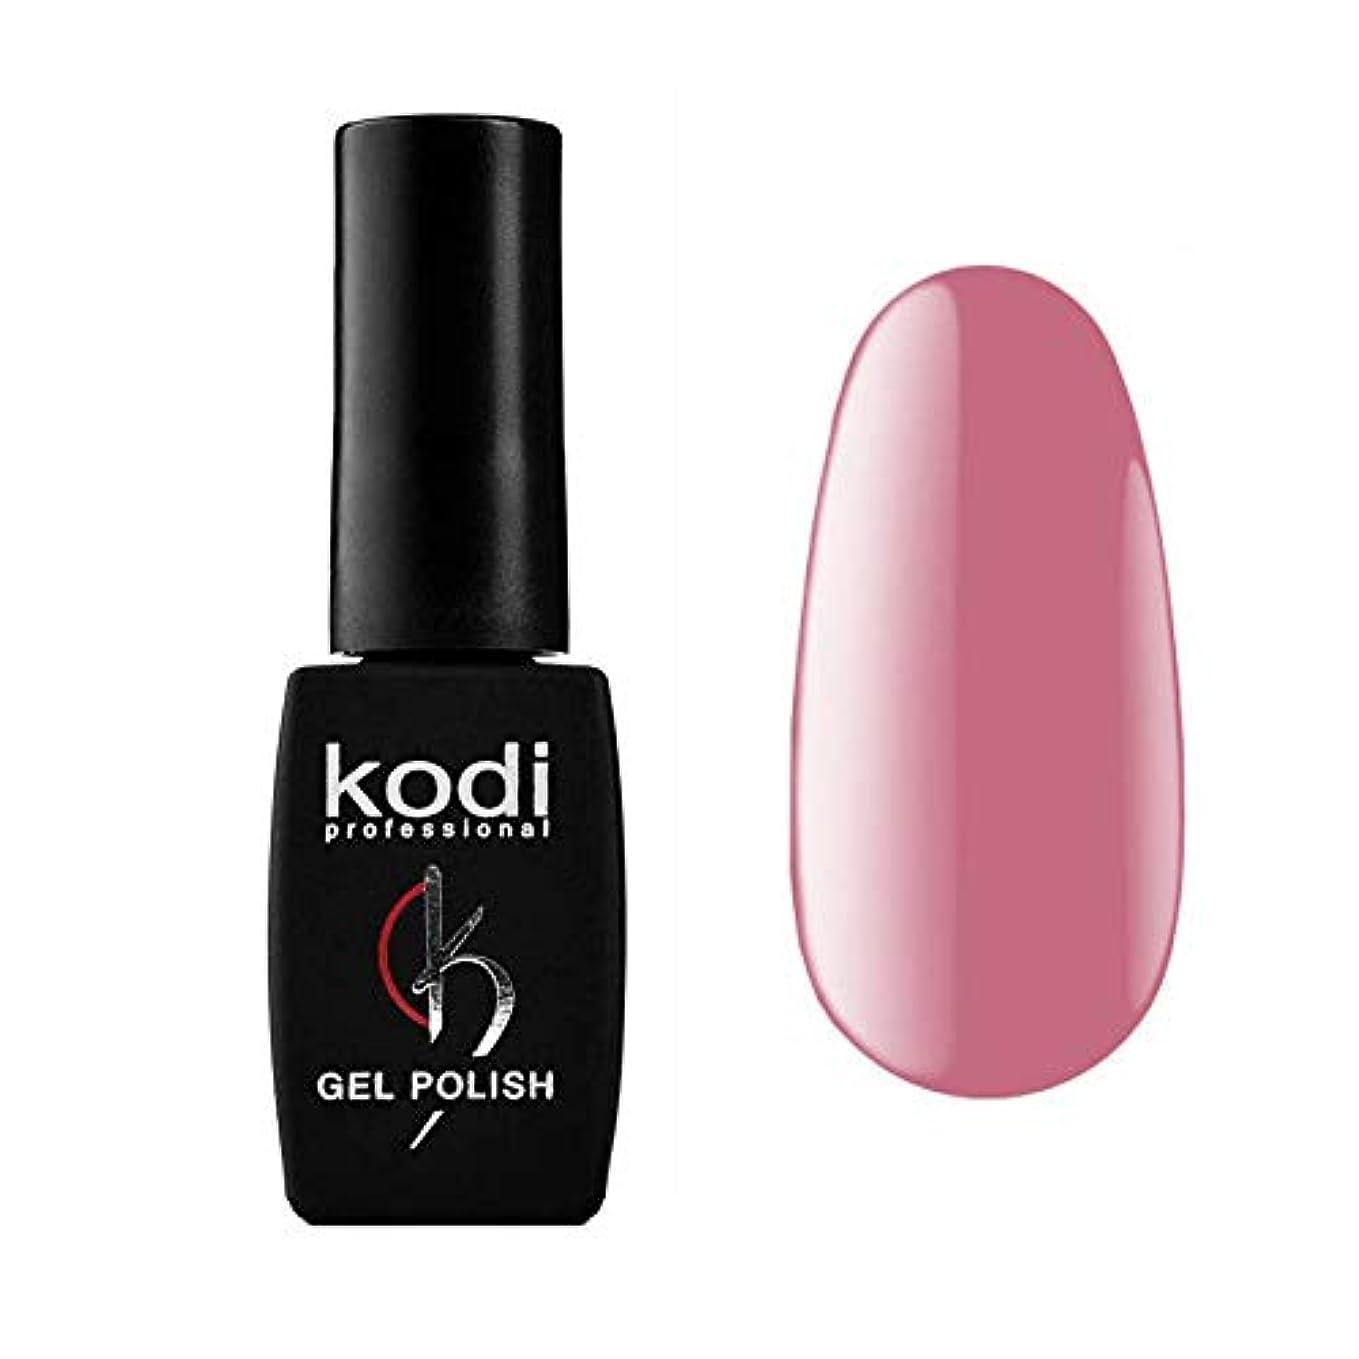 排除するスキニー排除するKodi Professional New Collection P PINK #30 Color Gel Nail Polish 12ml 0.42 Fl Oz LED UV Genuine Soak Off